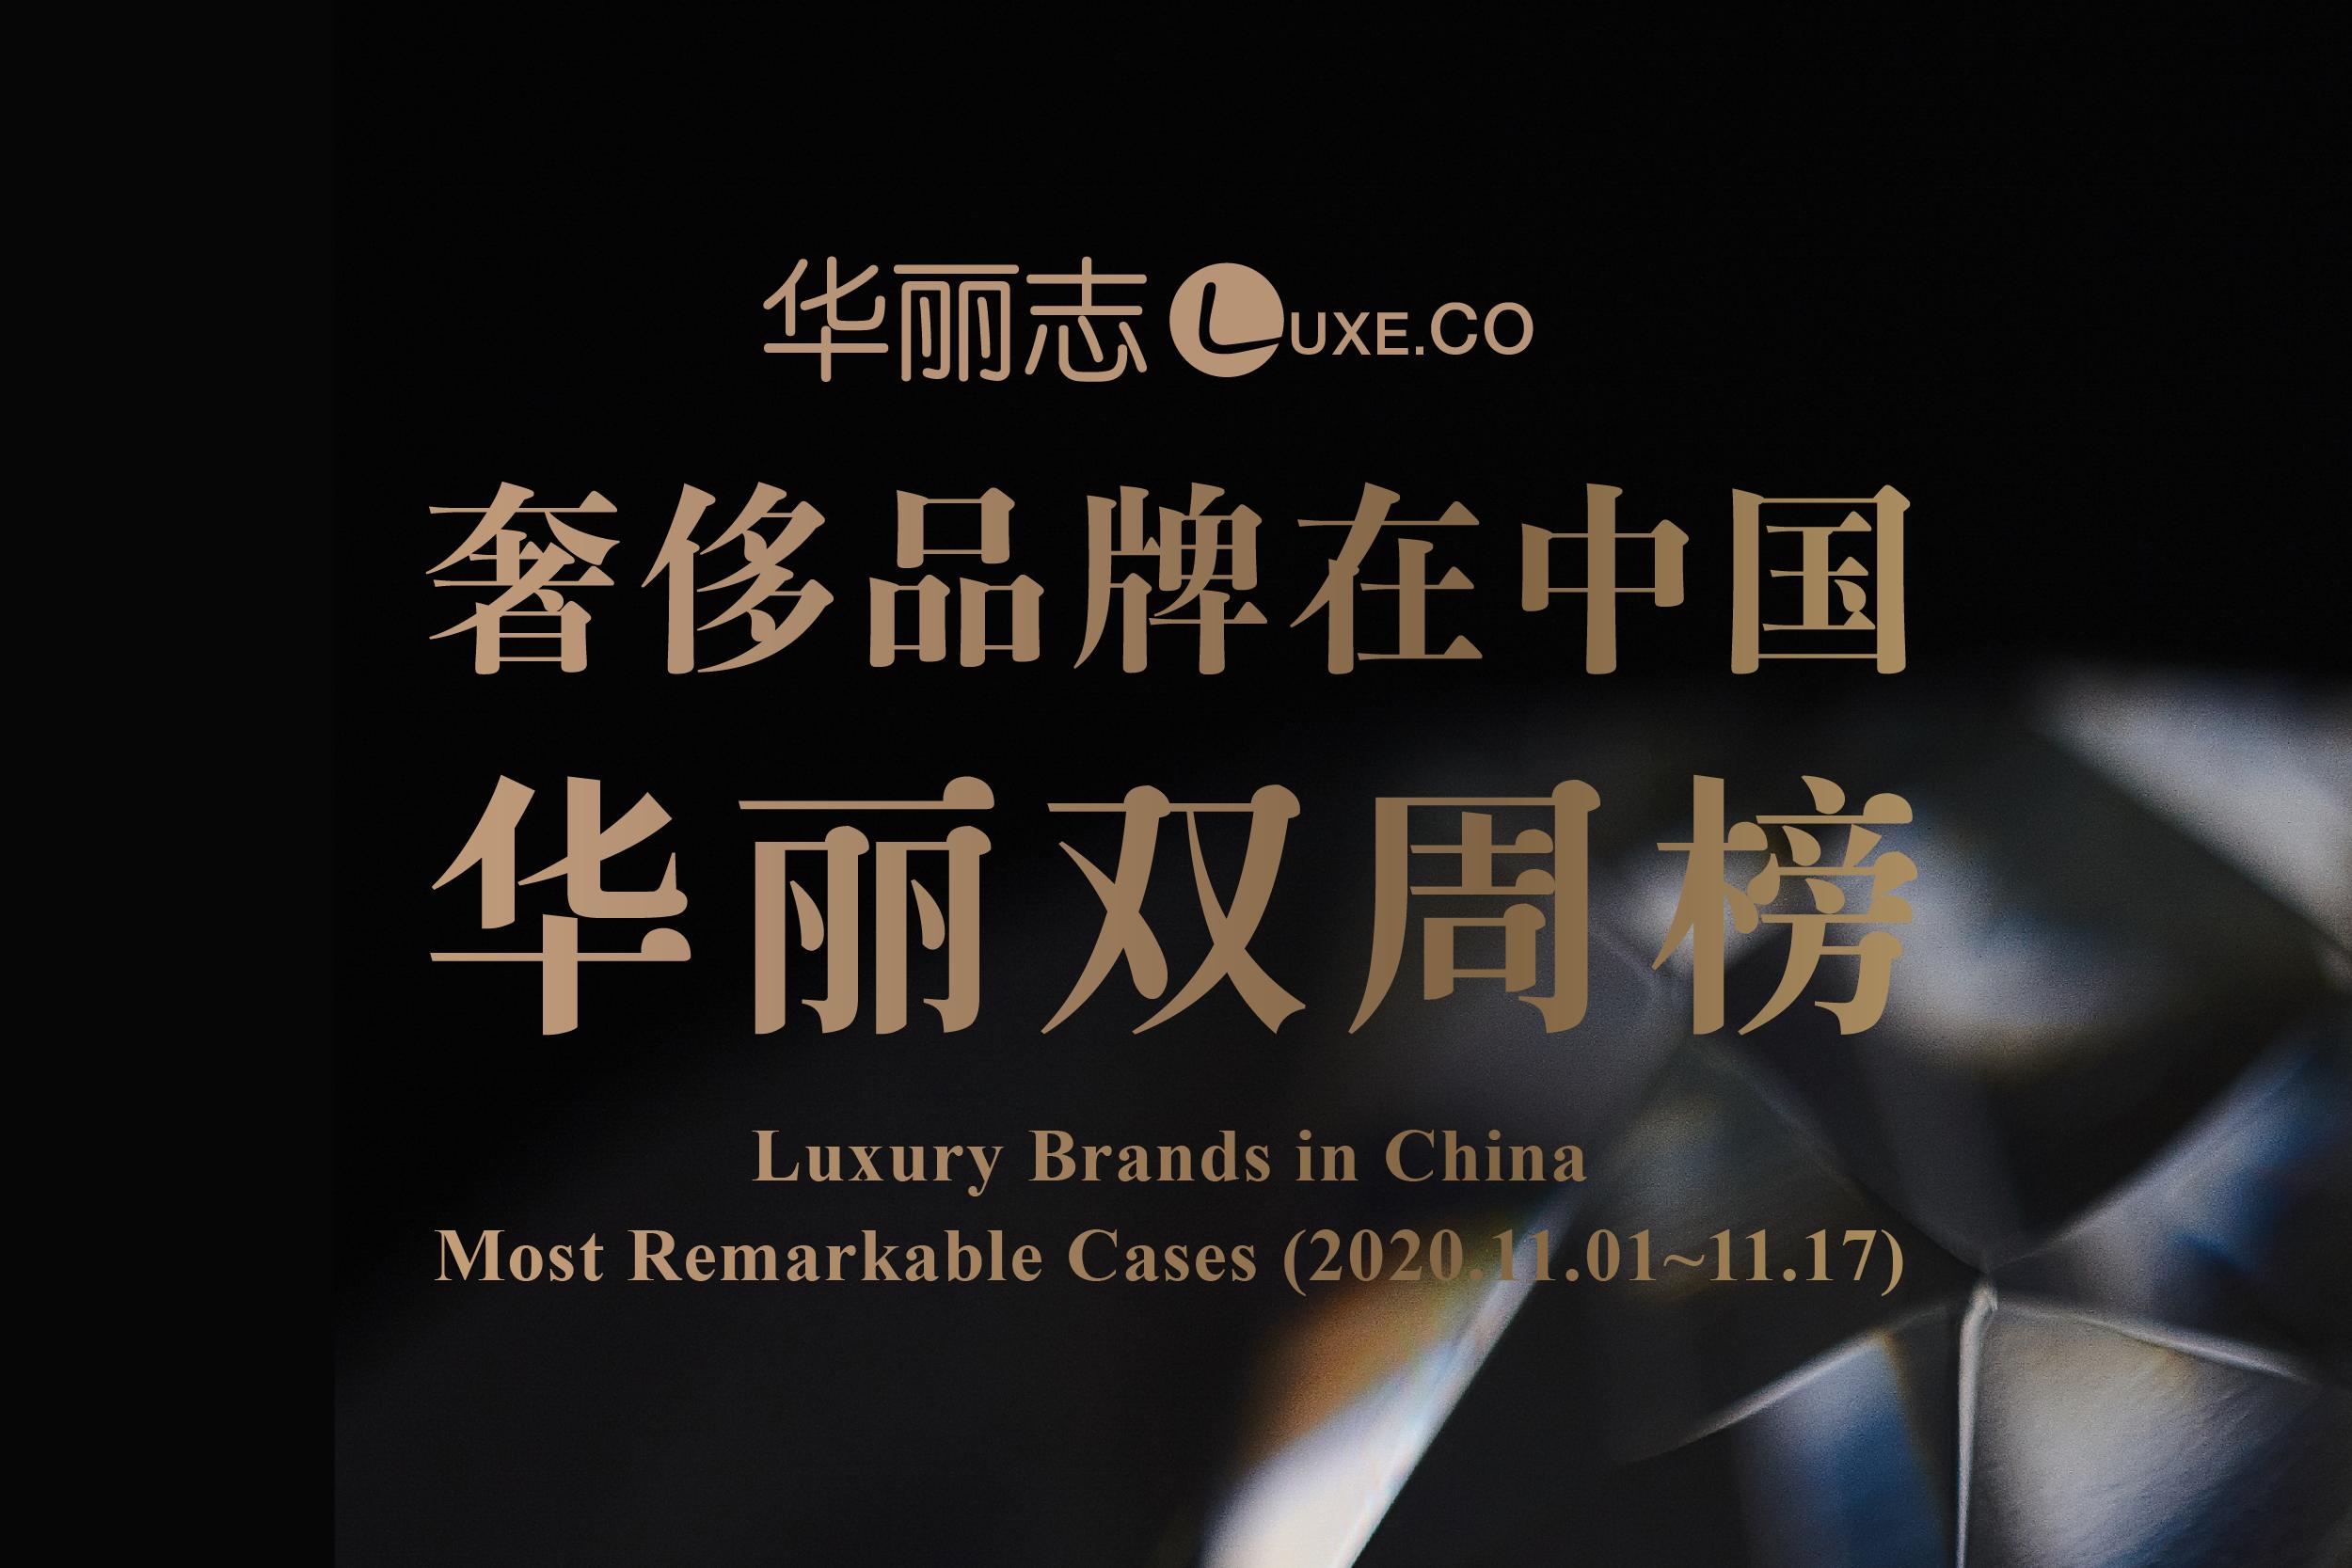 11月上旬,这四家奢侈品牌在中国的动作最值得关注 |【华丽双周榜】第13期